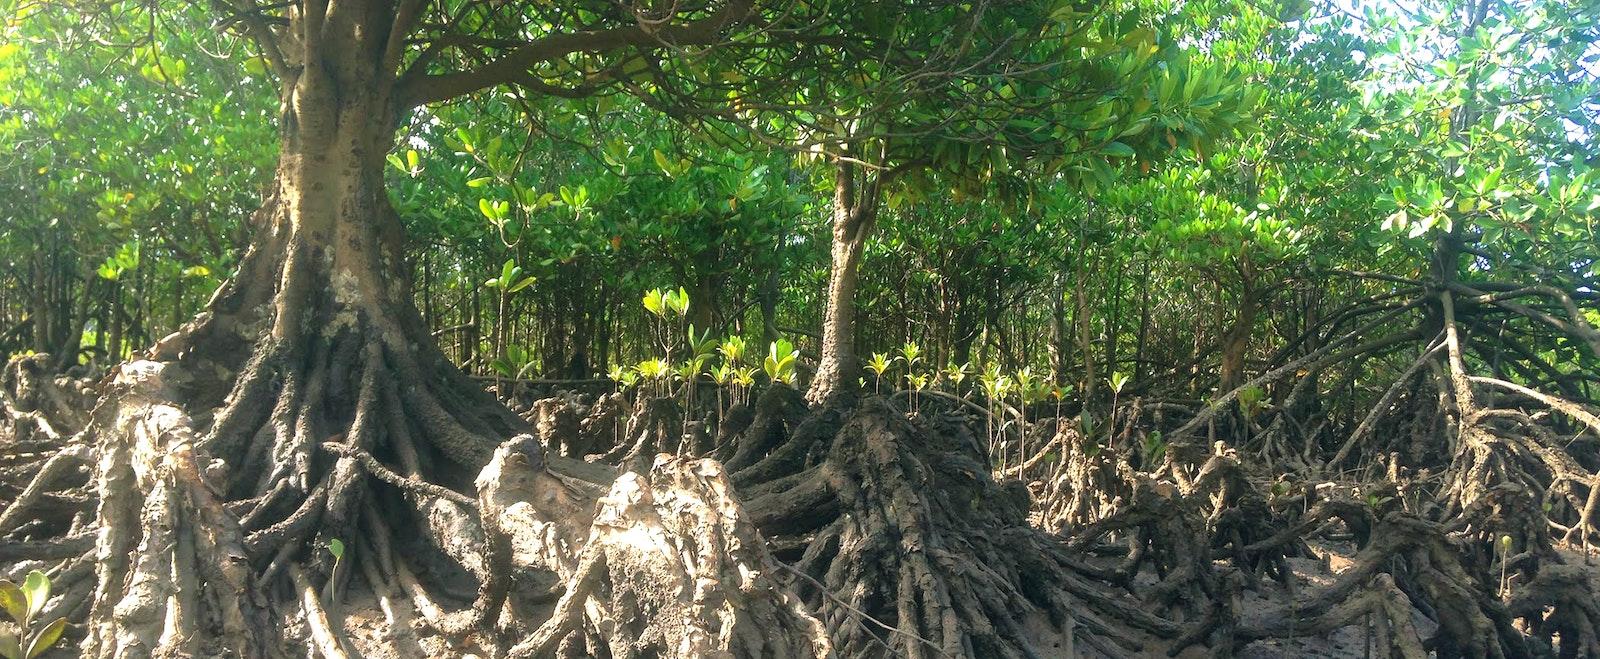 Mangrove saplings growing.